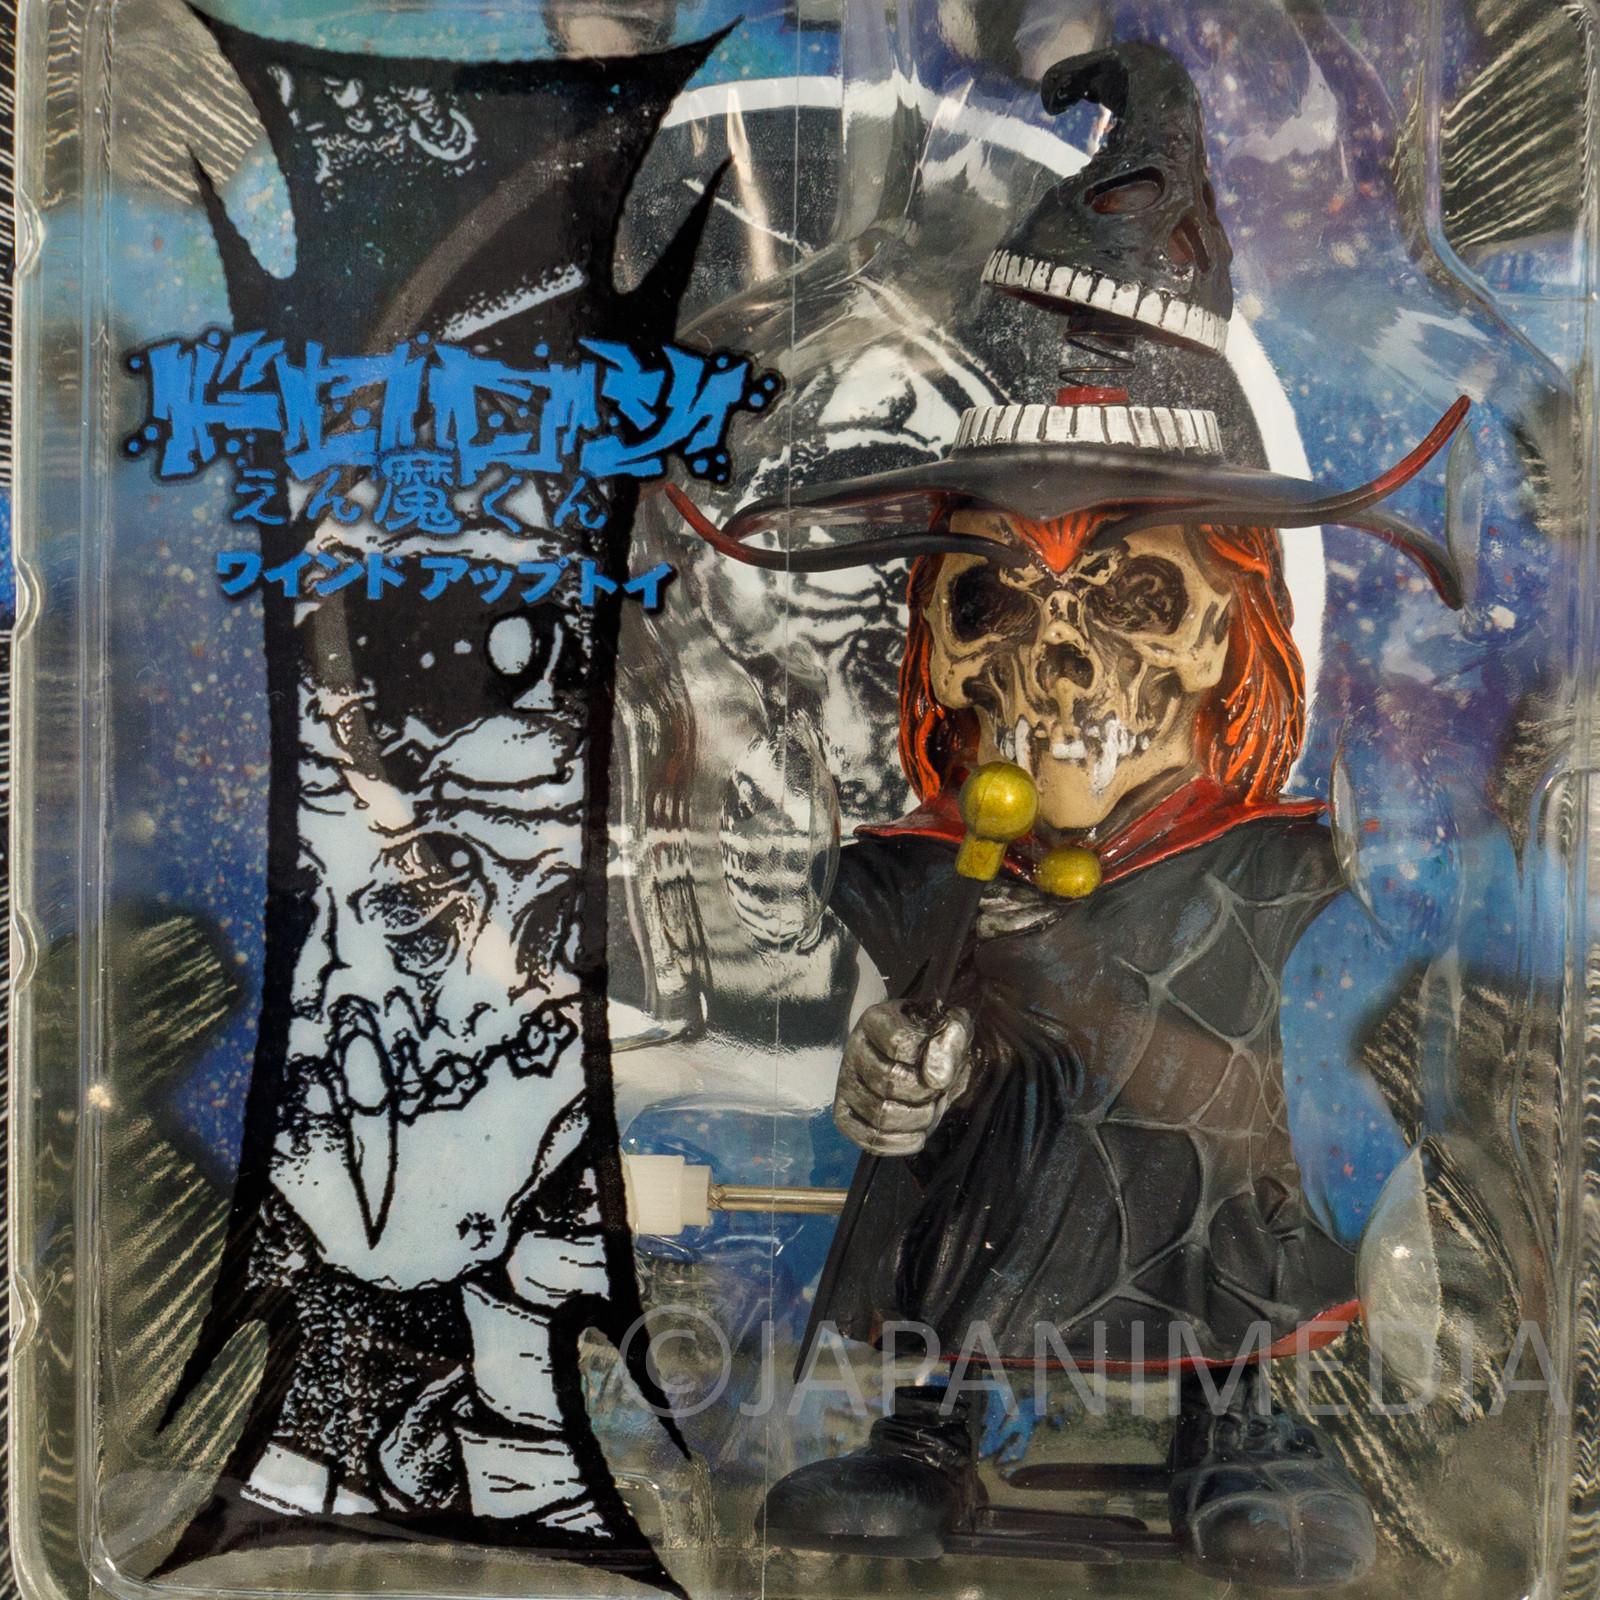 Mecha Terror Dororon Enma-kun Wind Up Toy Figure Pushead Fewture JAPAN NAGAI GO